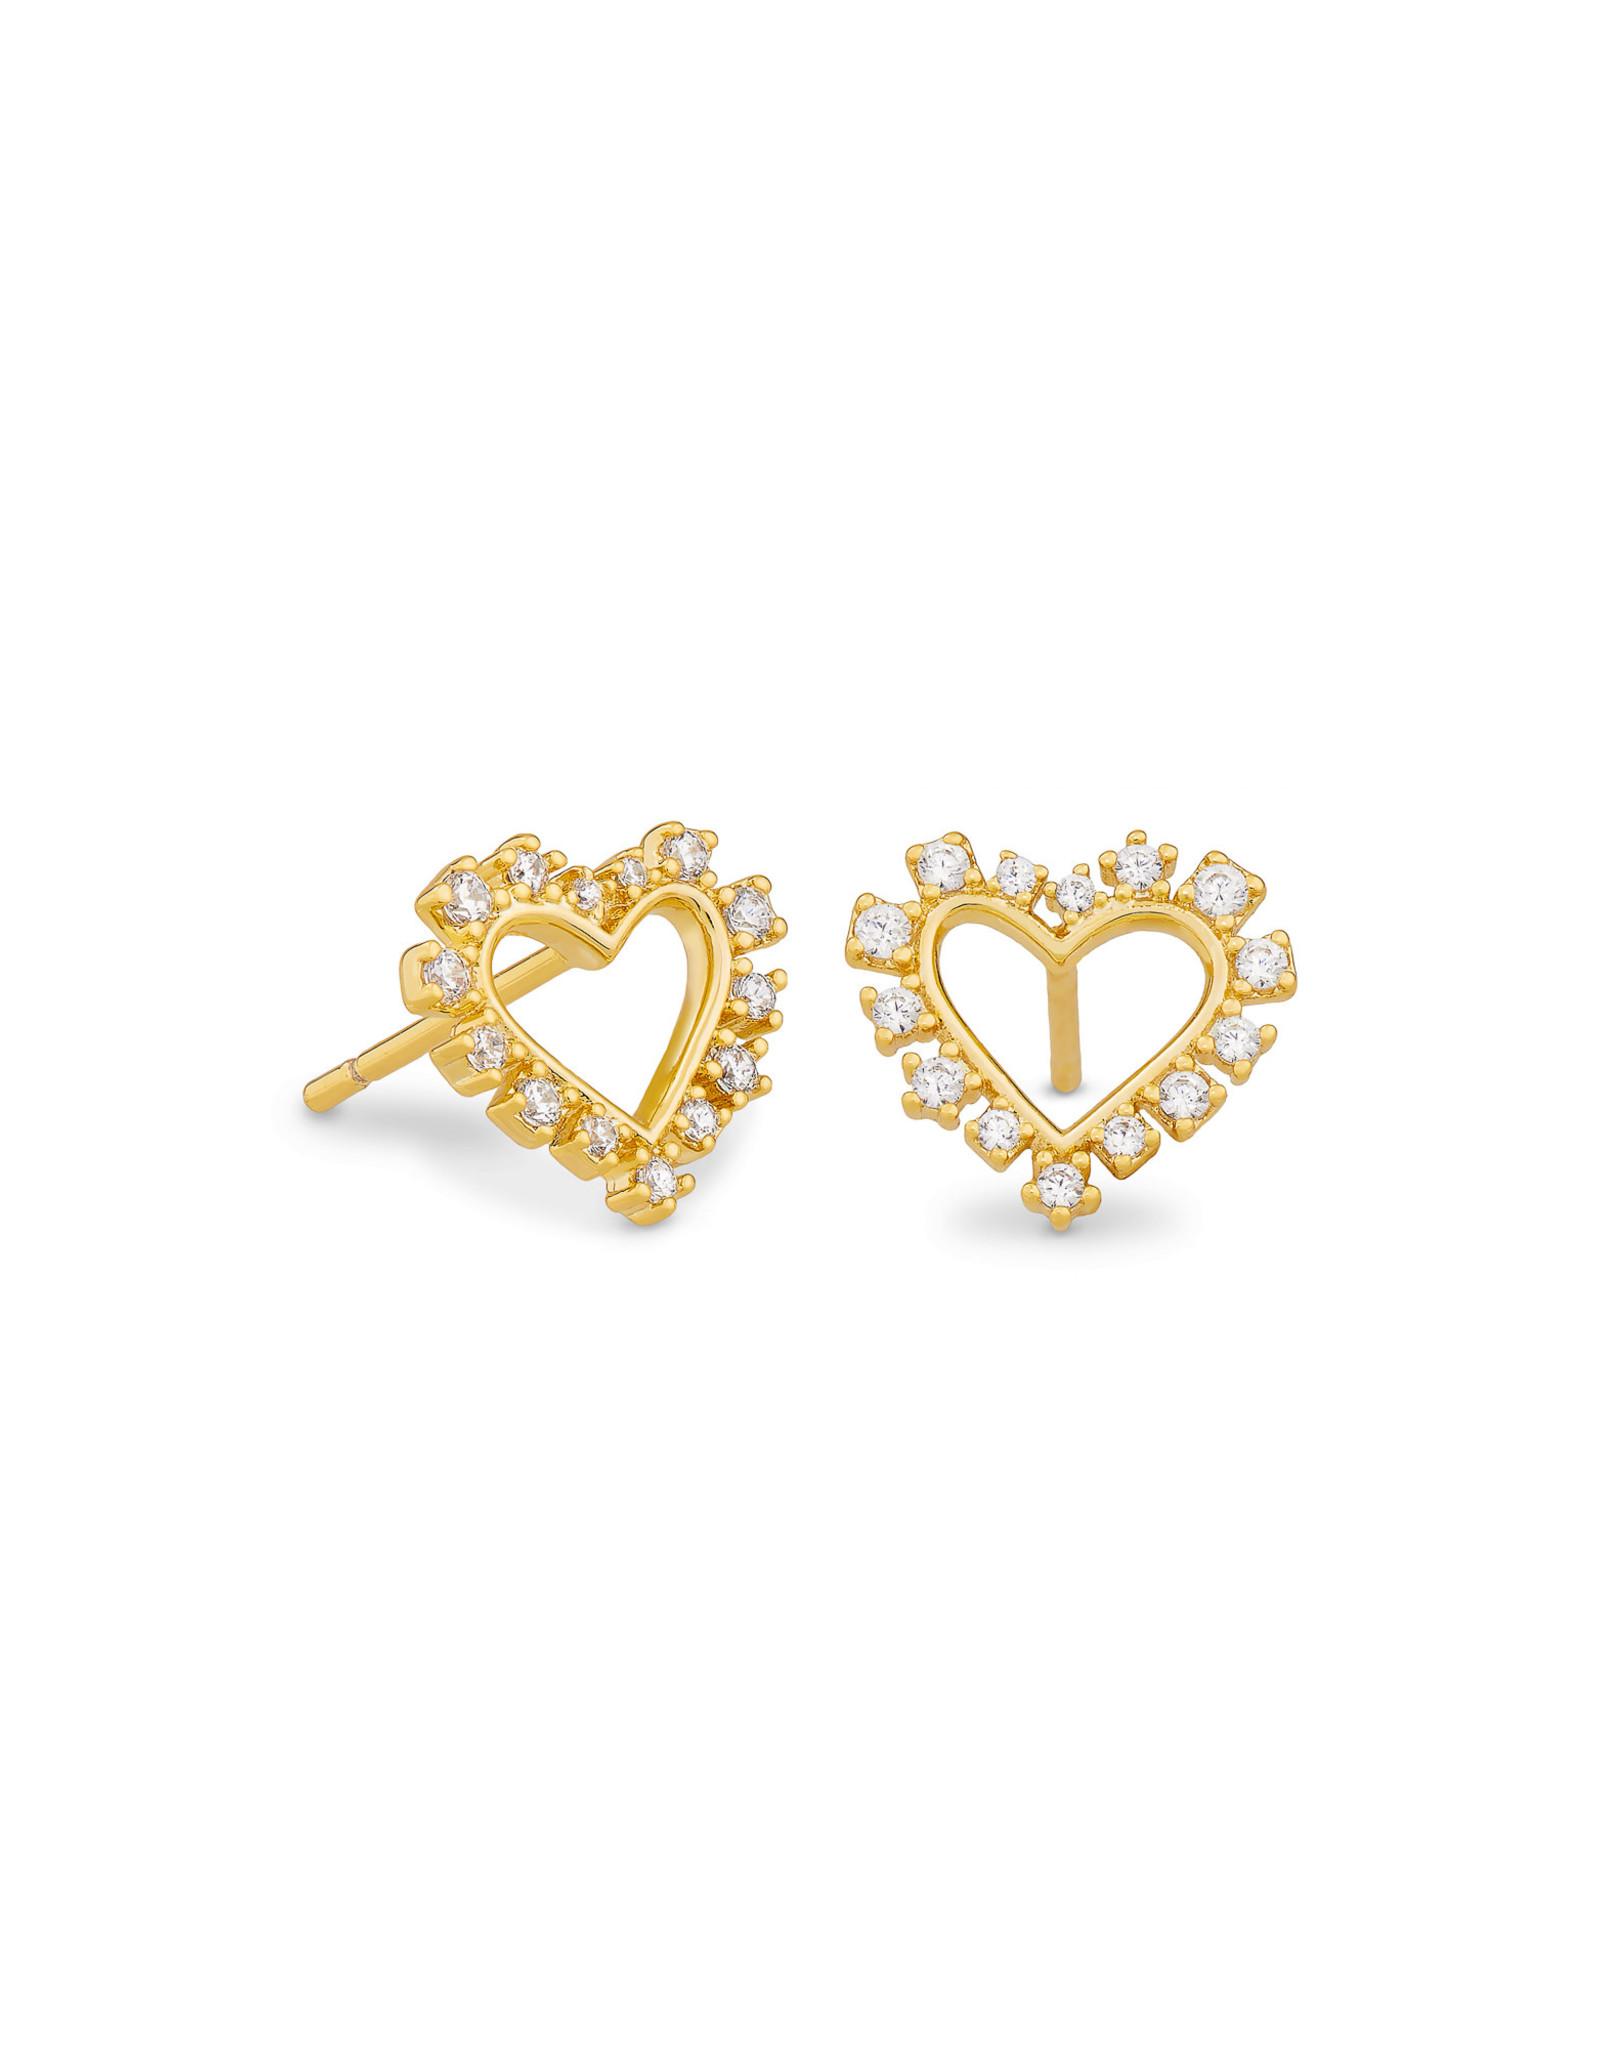 Kendra Scott Kendra Scott Ari Heart Open Frame Earrings